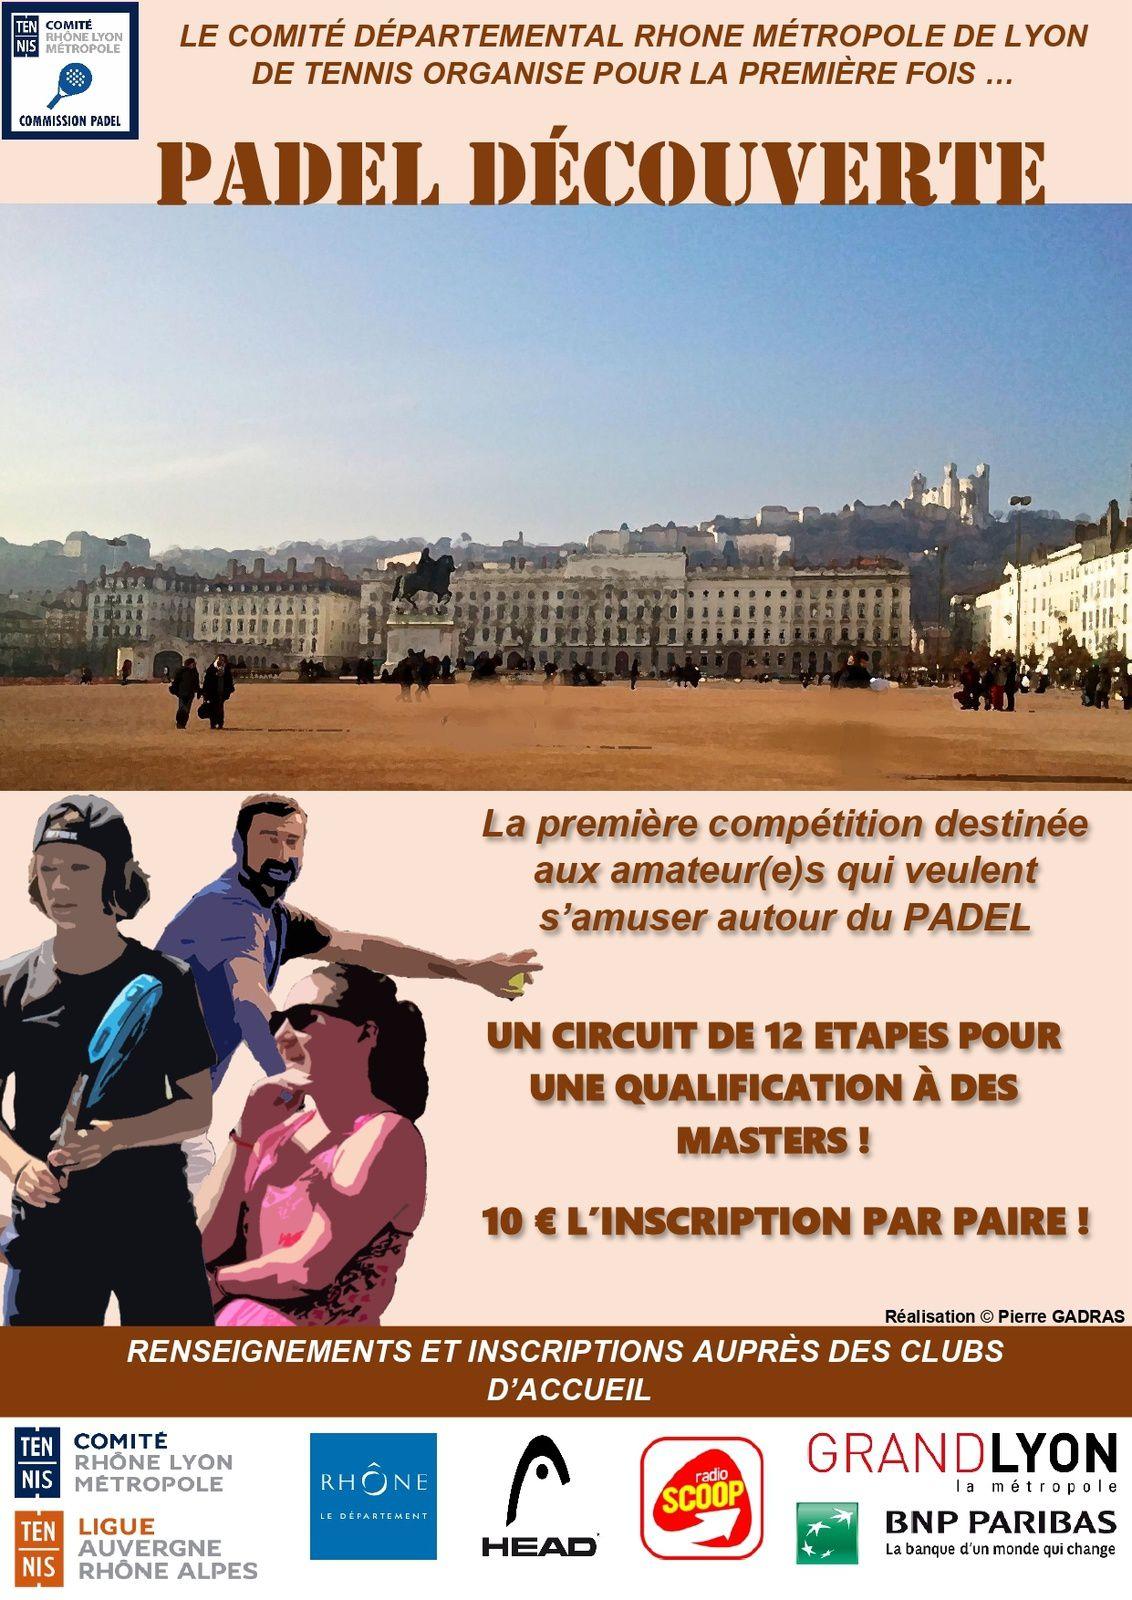 Le Comité Rhône Métropole de Lyon de Tennis souhaite dynamiser l'activité PADEL dans le département.